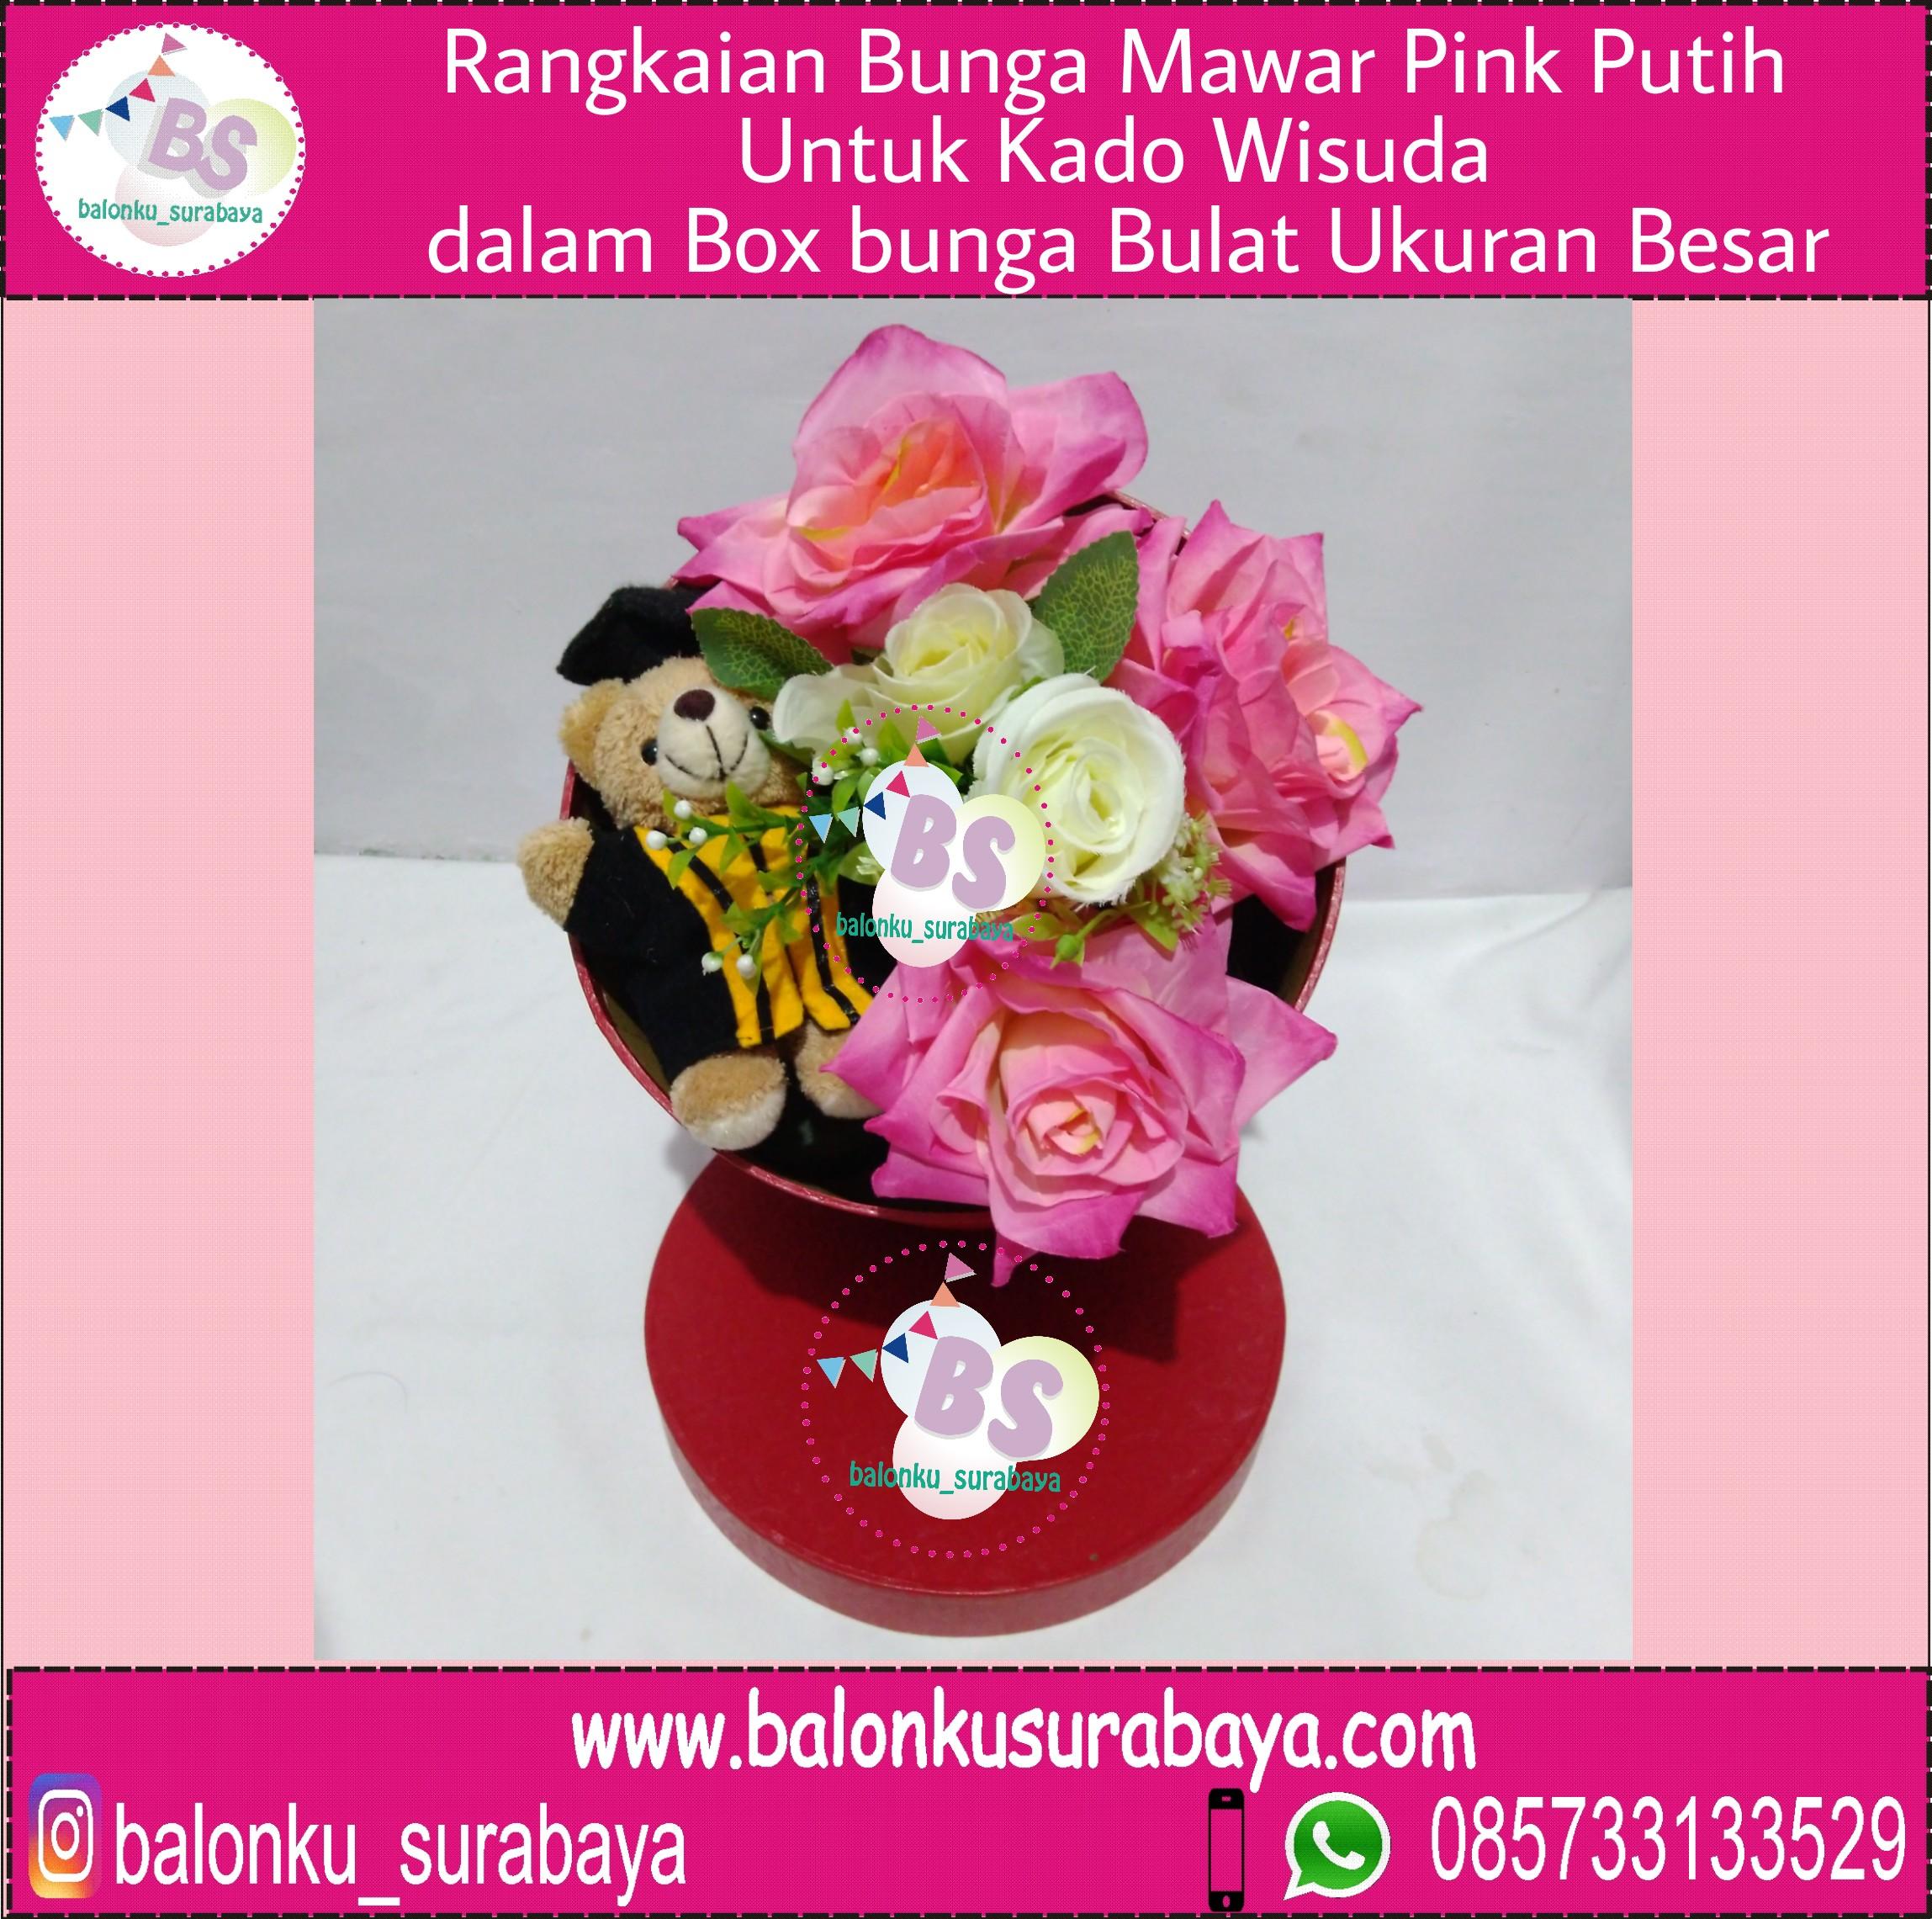 Rangkaian Bunga Mawar Pink Putih Untuk Kado Wisuda Dalam Box Bunga Bulat Ukuran Besar Balonku Surabaya